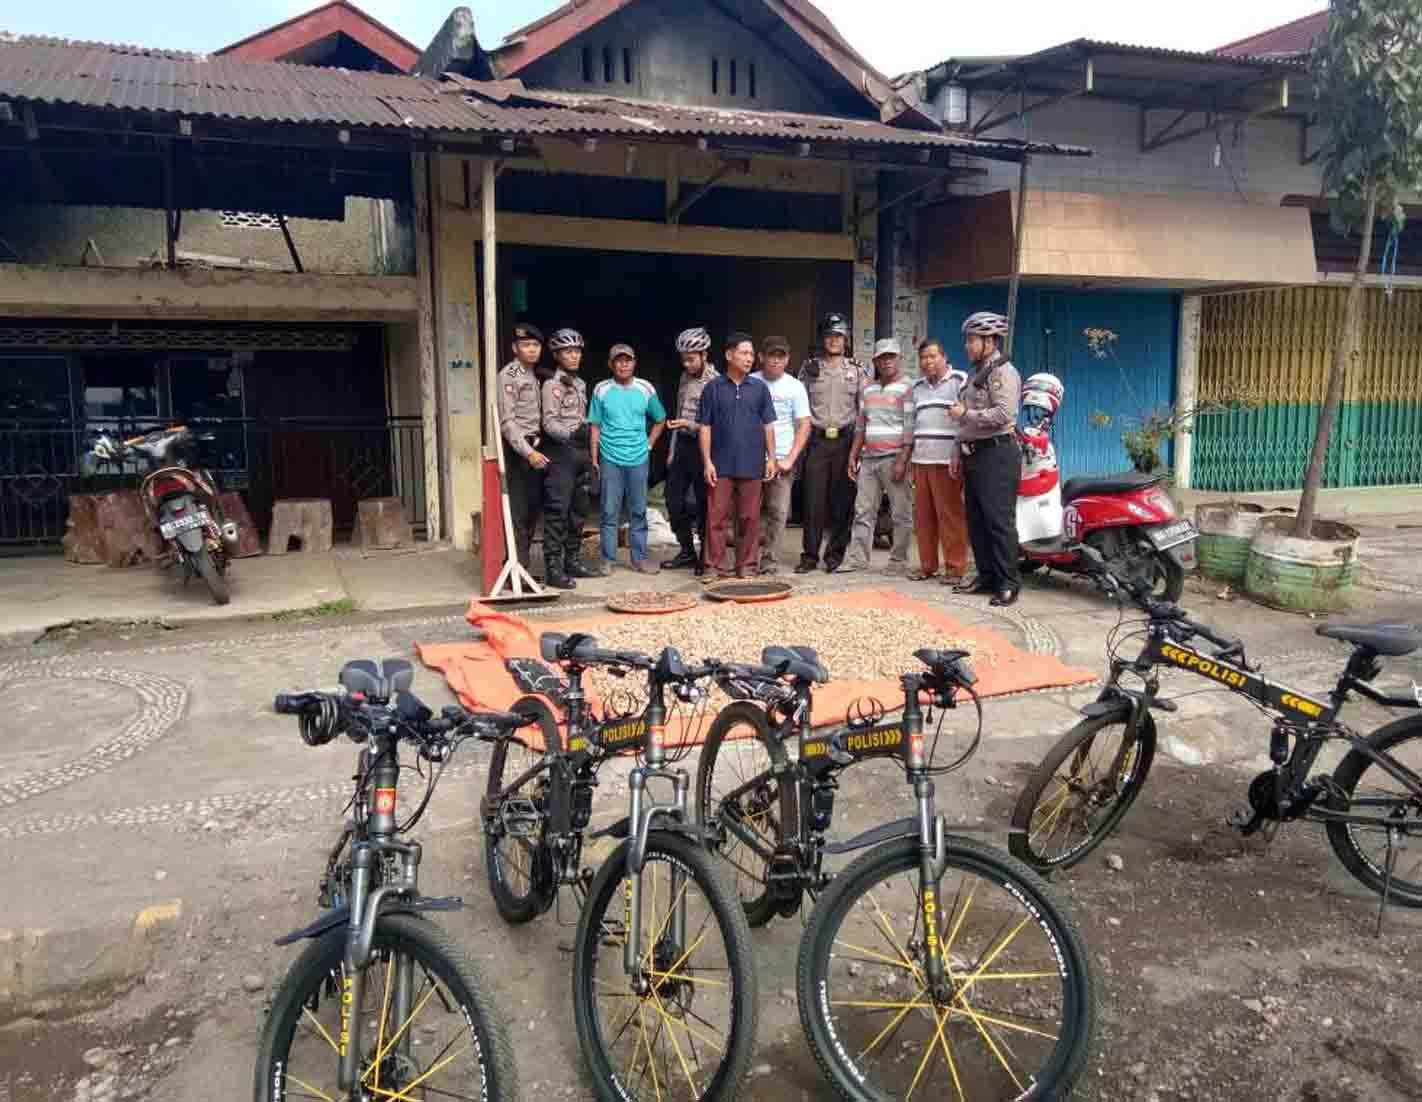 Polisi Patroli Bersepeda Antisipasi Pencurian di Perumahan Yang Ditinggal Mudik